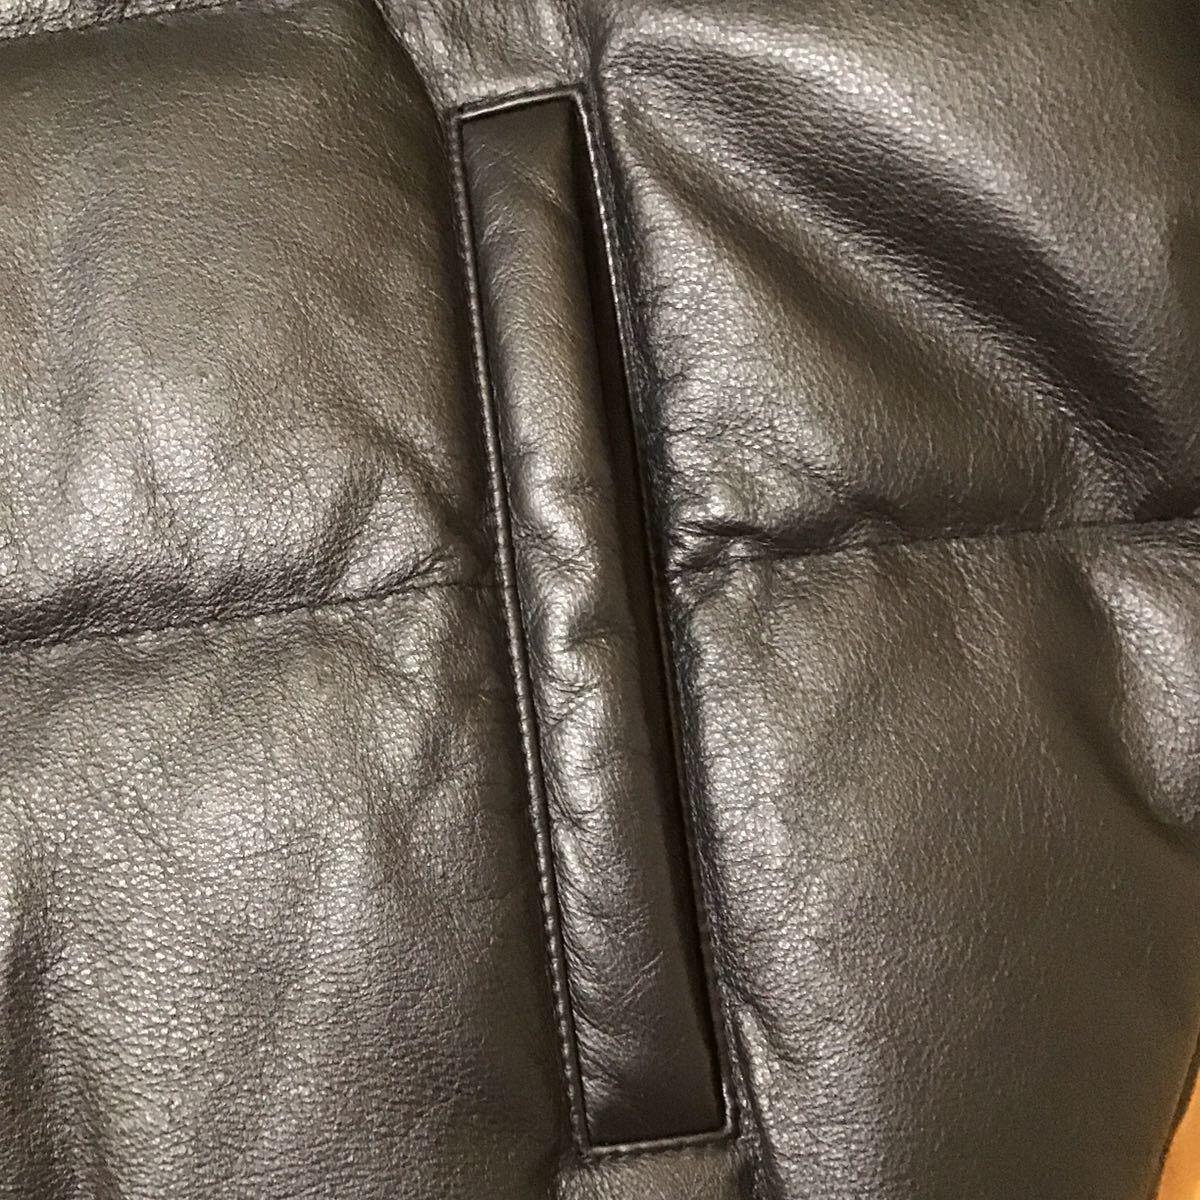 ★青山限定★ ファー ダウンジャケット Lサイズ a bathing ape BAPE cowhide down jacket エイプ ベイプ アベイシングエイプ レザー 牛革